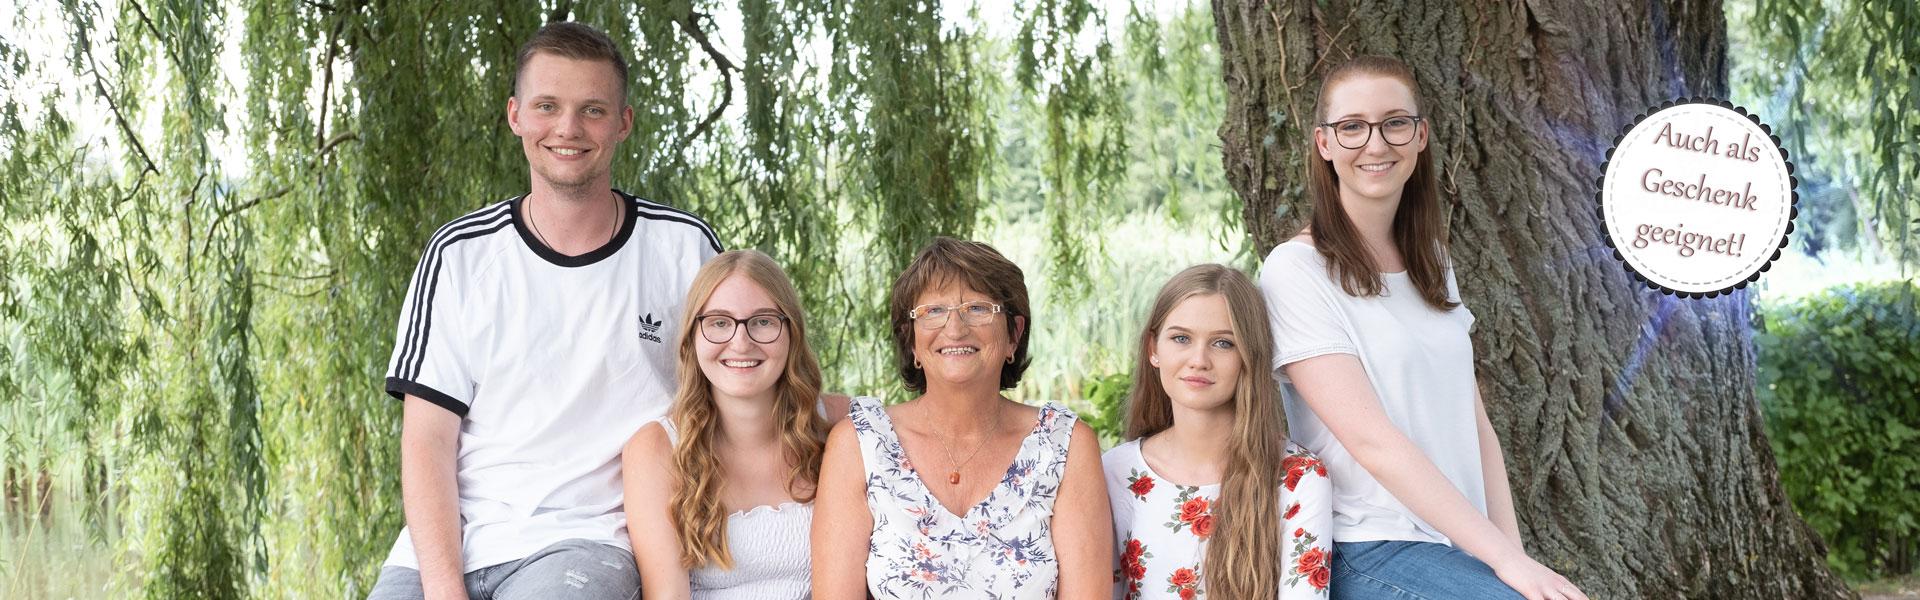 Geburtstagsbilder für Oma - Familienbilder Bamberg